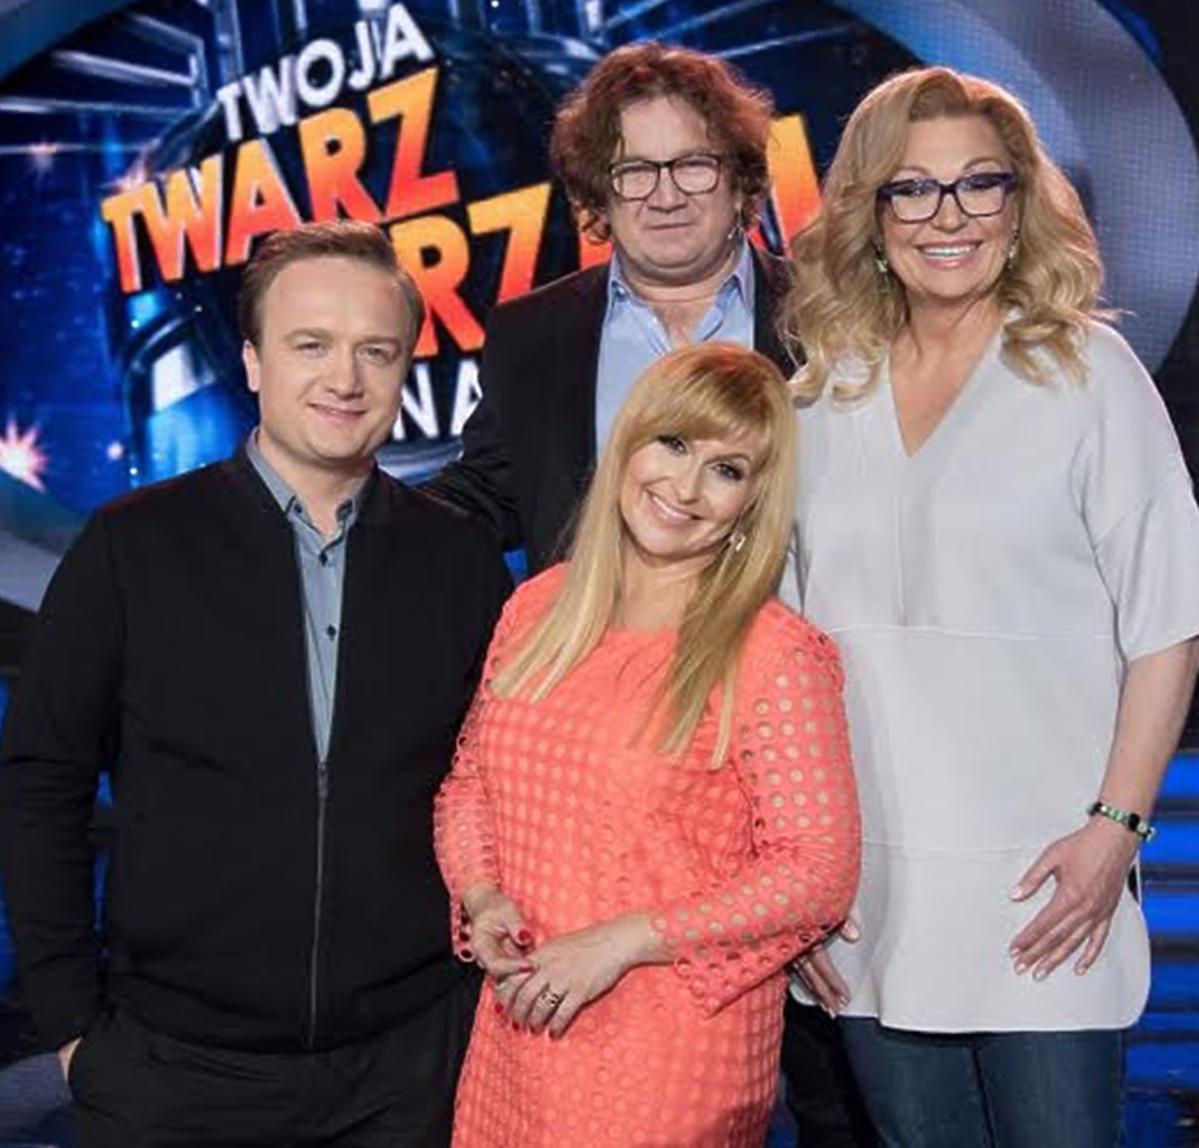 Twoja Twarz Brzmi Znajomo - Bartek Kasprzykowski, Paweł Królikowski, Katarzyna Skrzynecka, Małgorzata Walewska